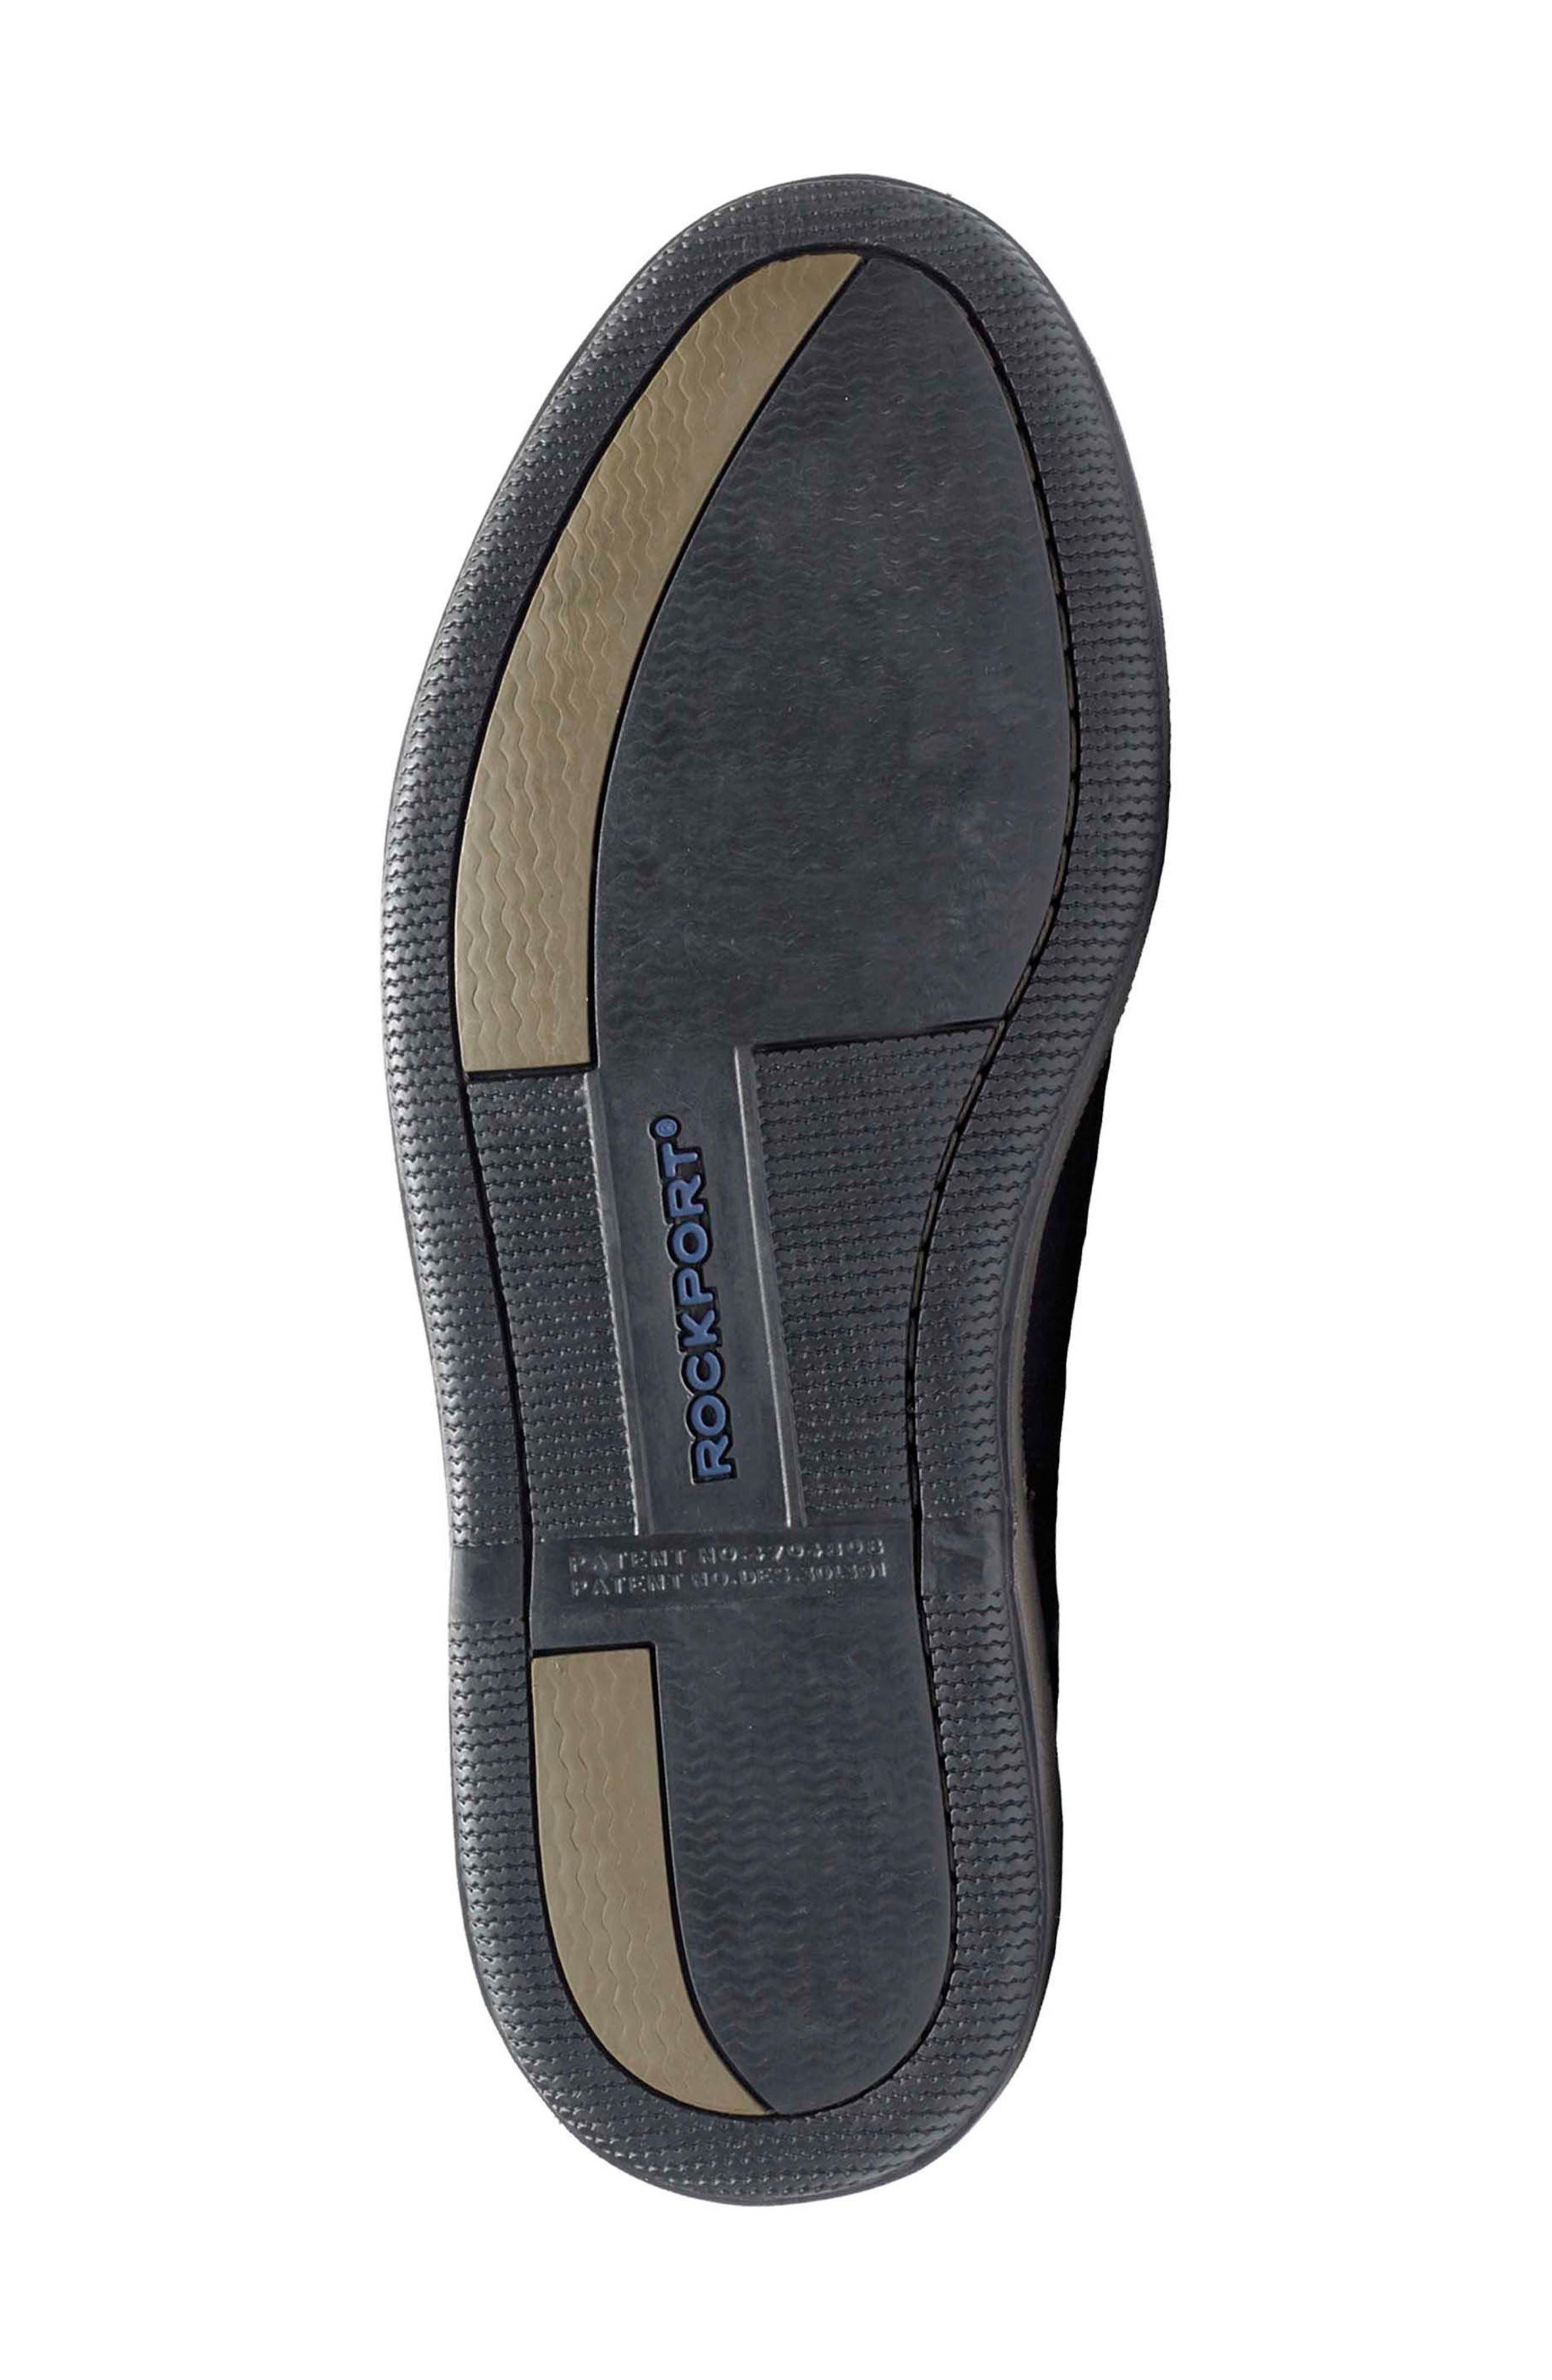 'Perth' Boat Shoe,                             Alternate thumbnail 6, color,                             BLACK/ BARK LEATHER